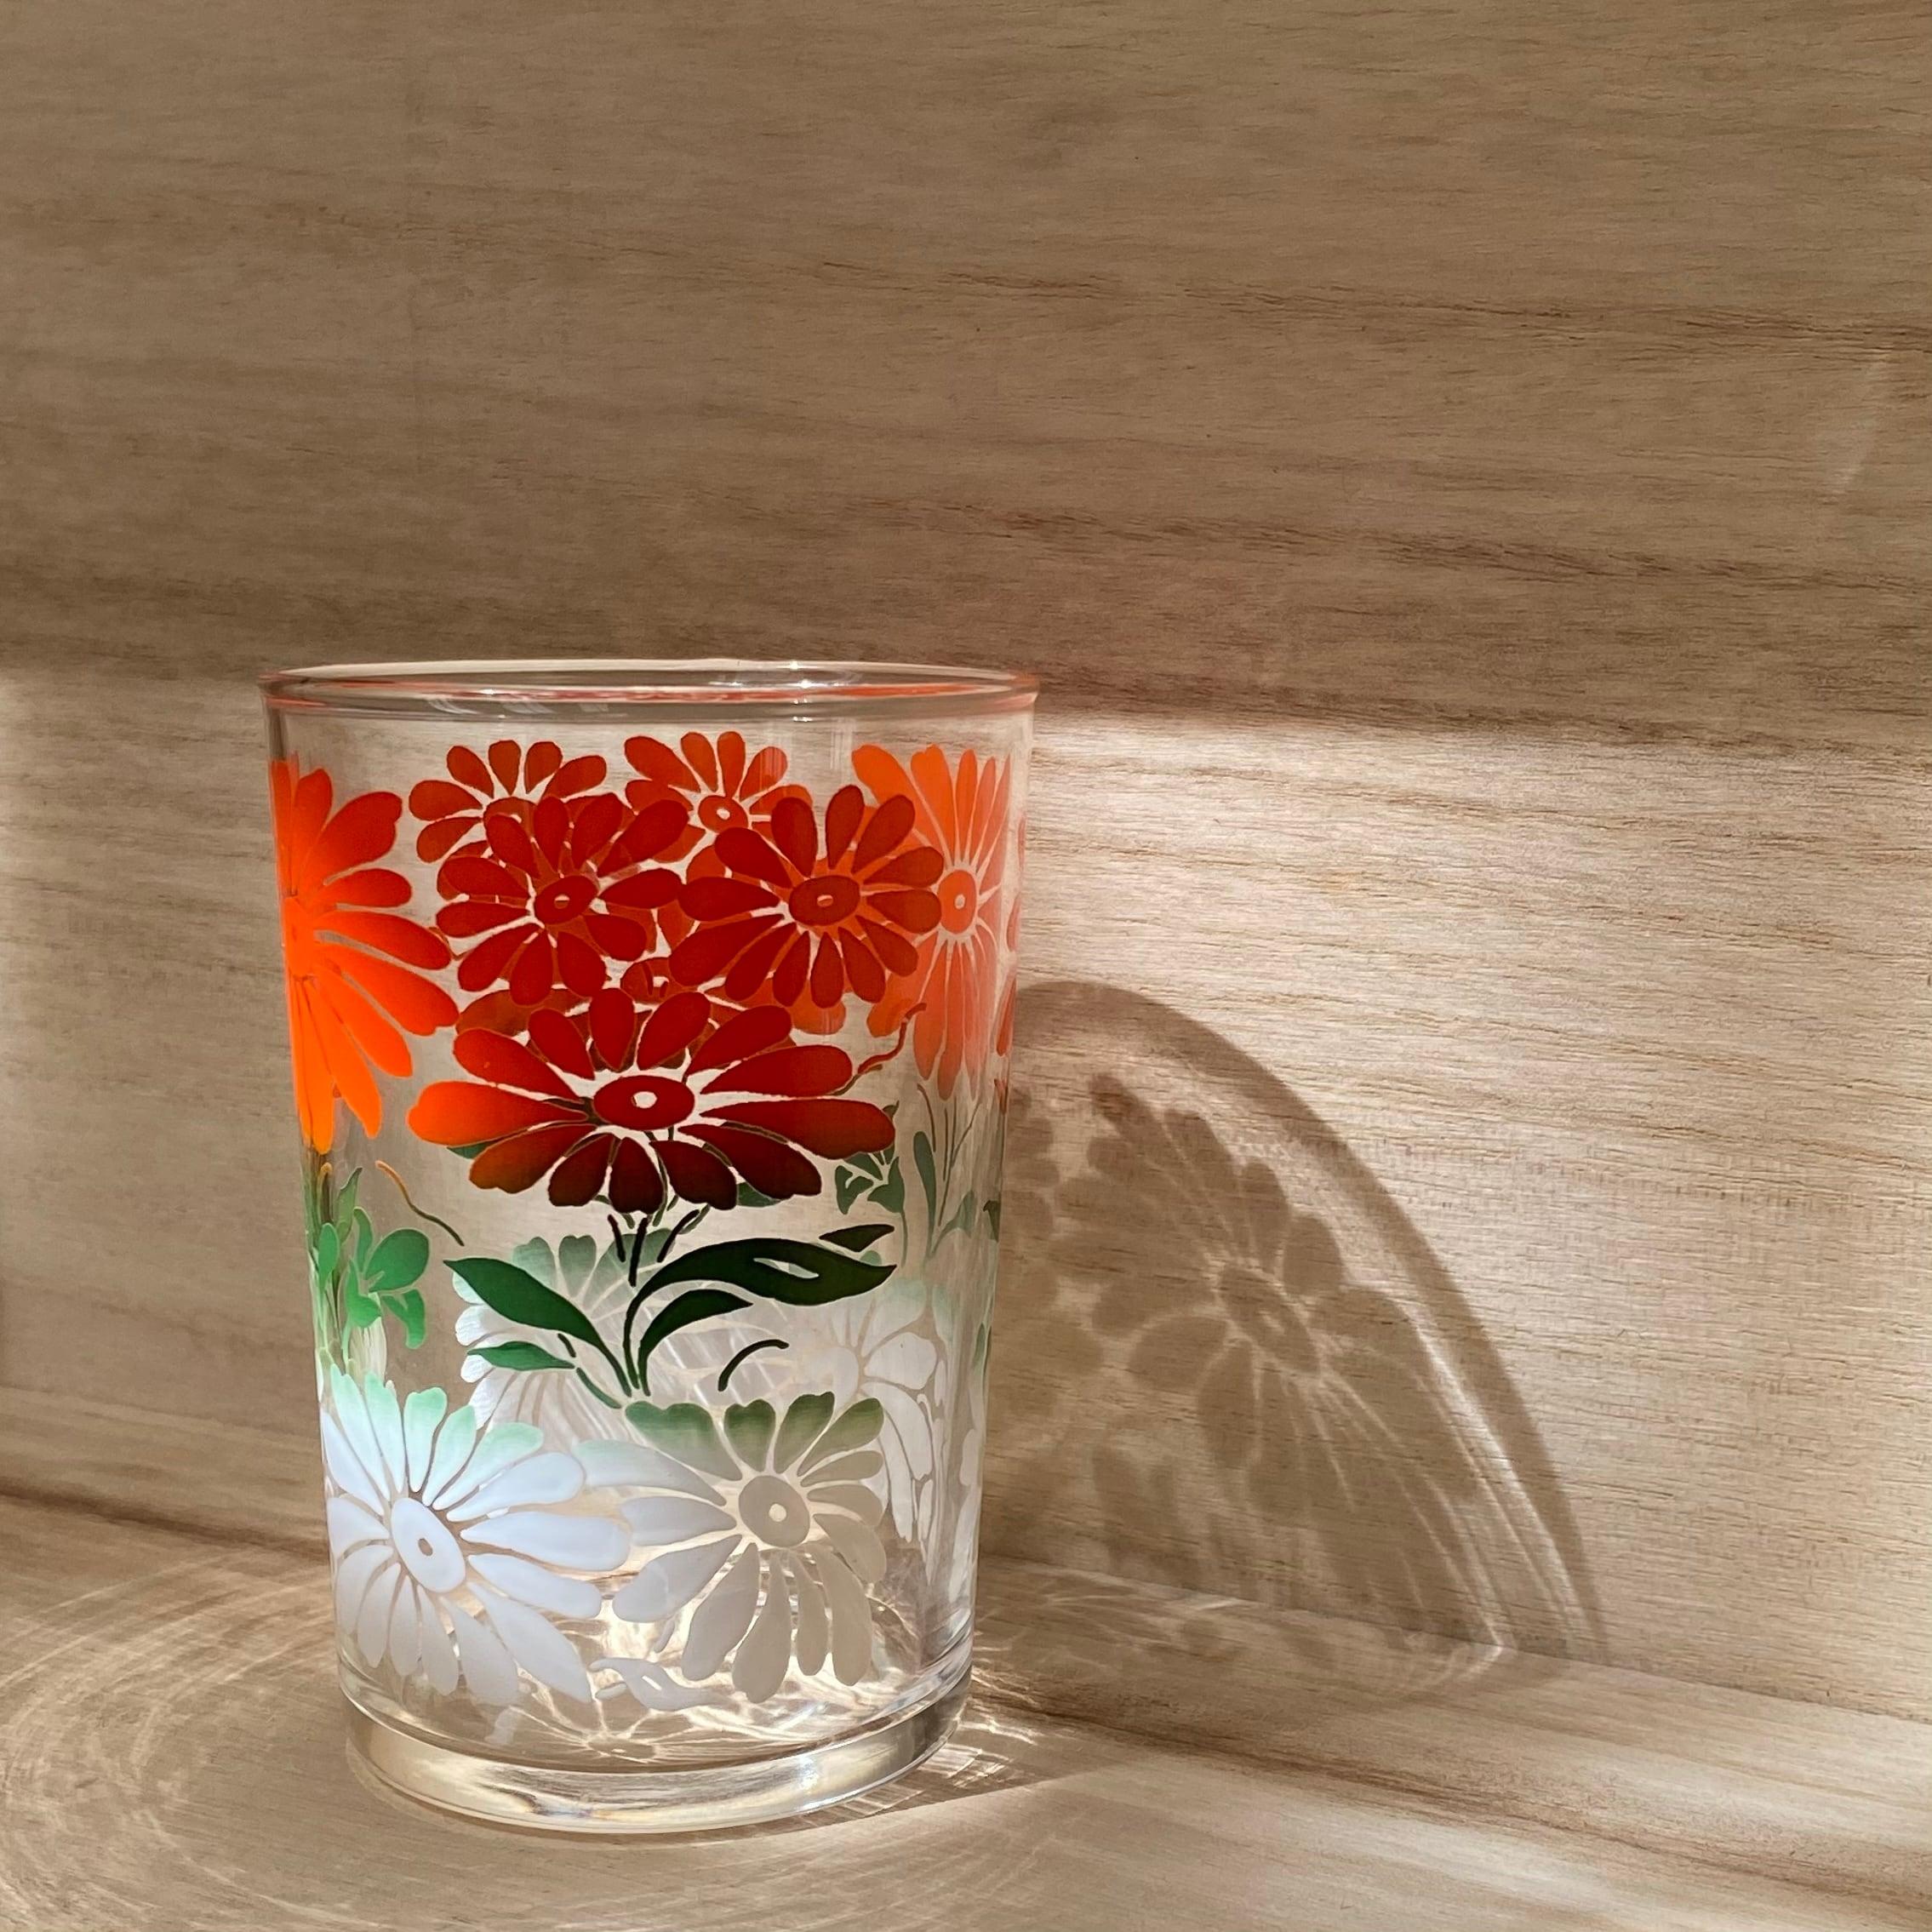 70年代 USA製 タンブラーグラス ヴィンテージグラス レトログラス フラワー柄グラス フラワー柄食器 オレンジ